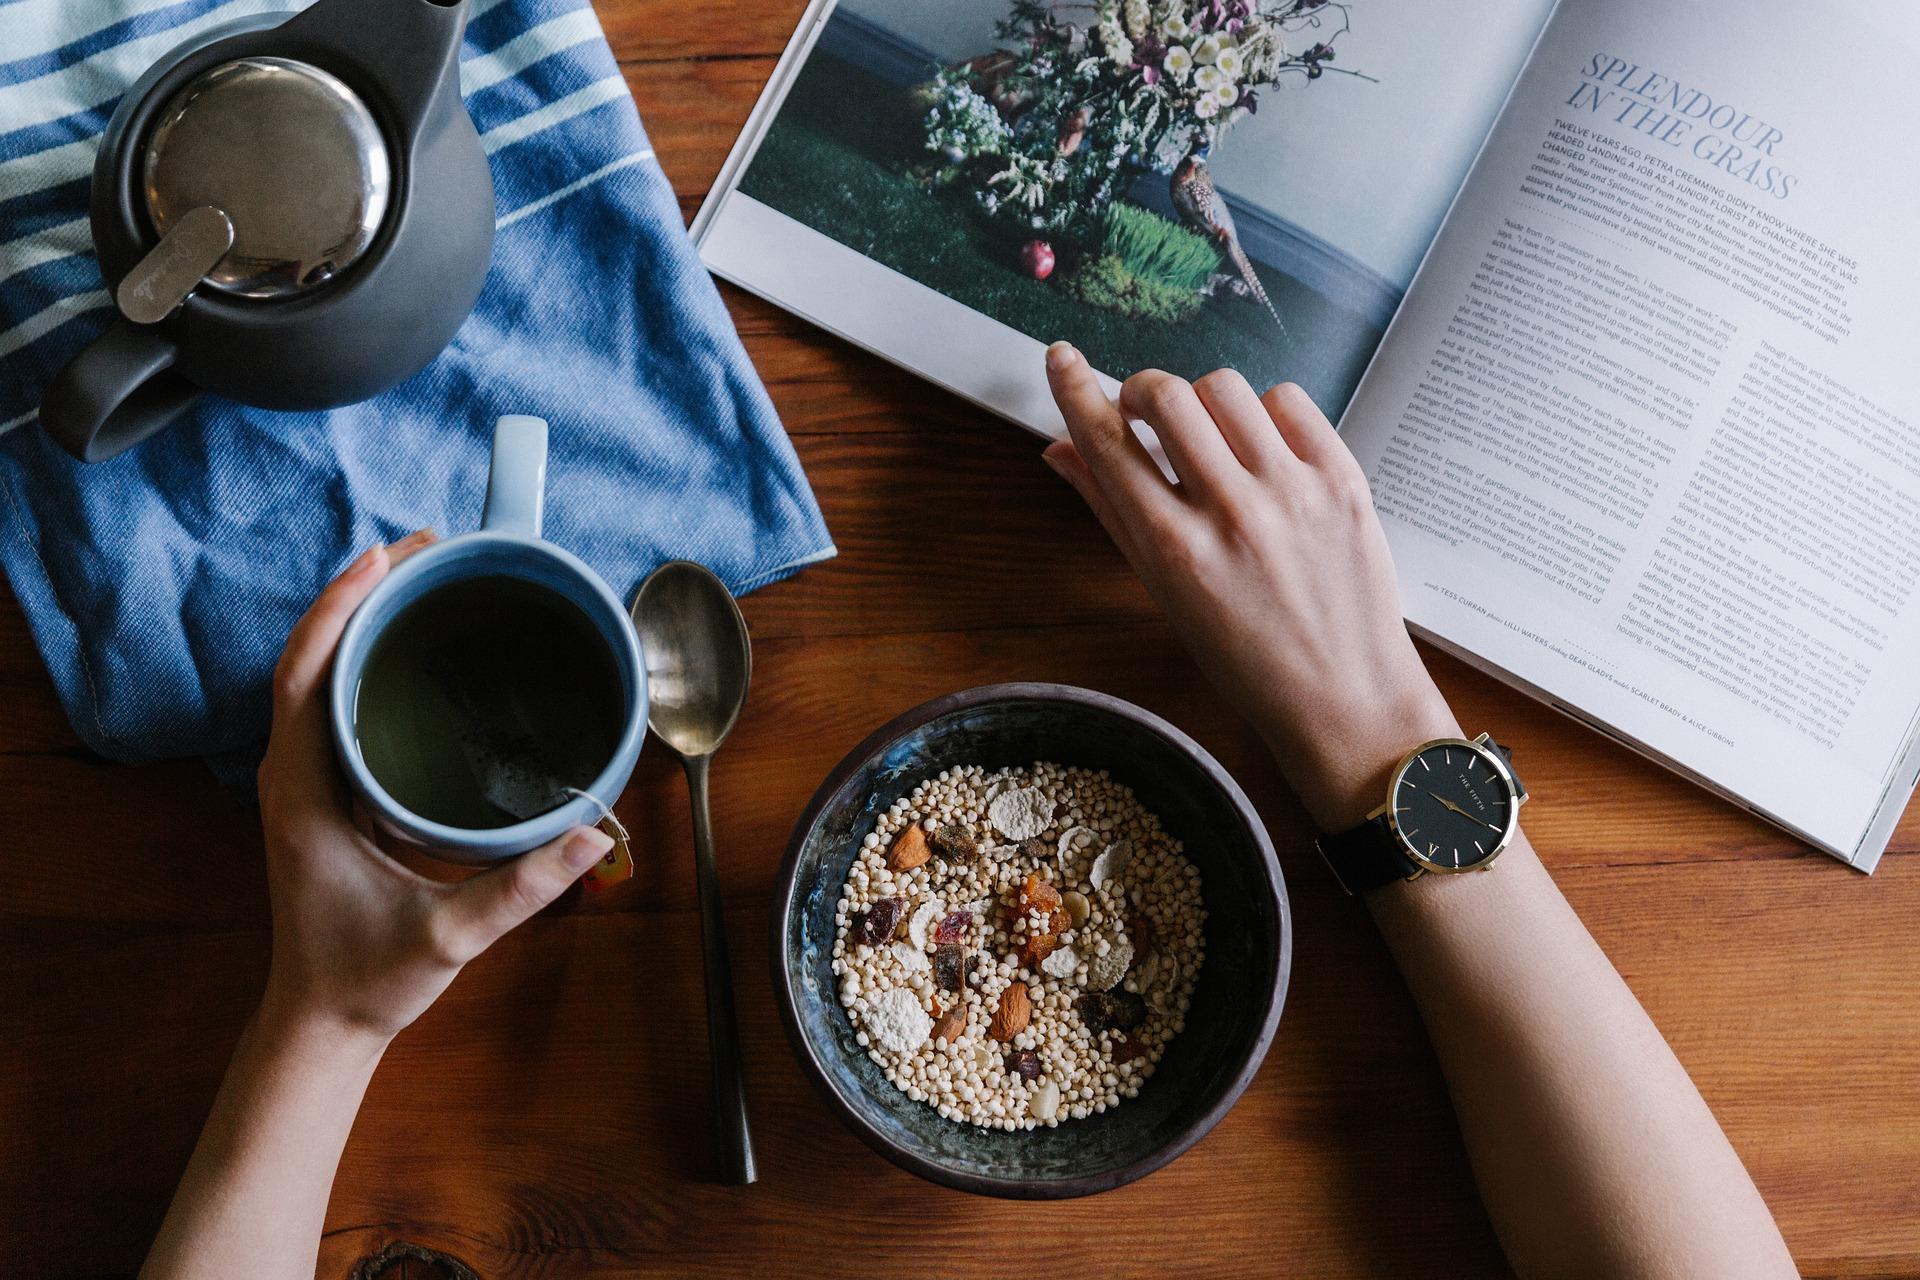 Alltagsträumer - Die 3 besten Bücher zum Abnehmen